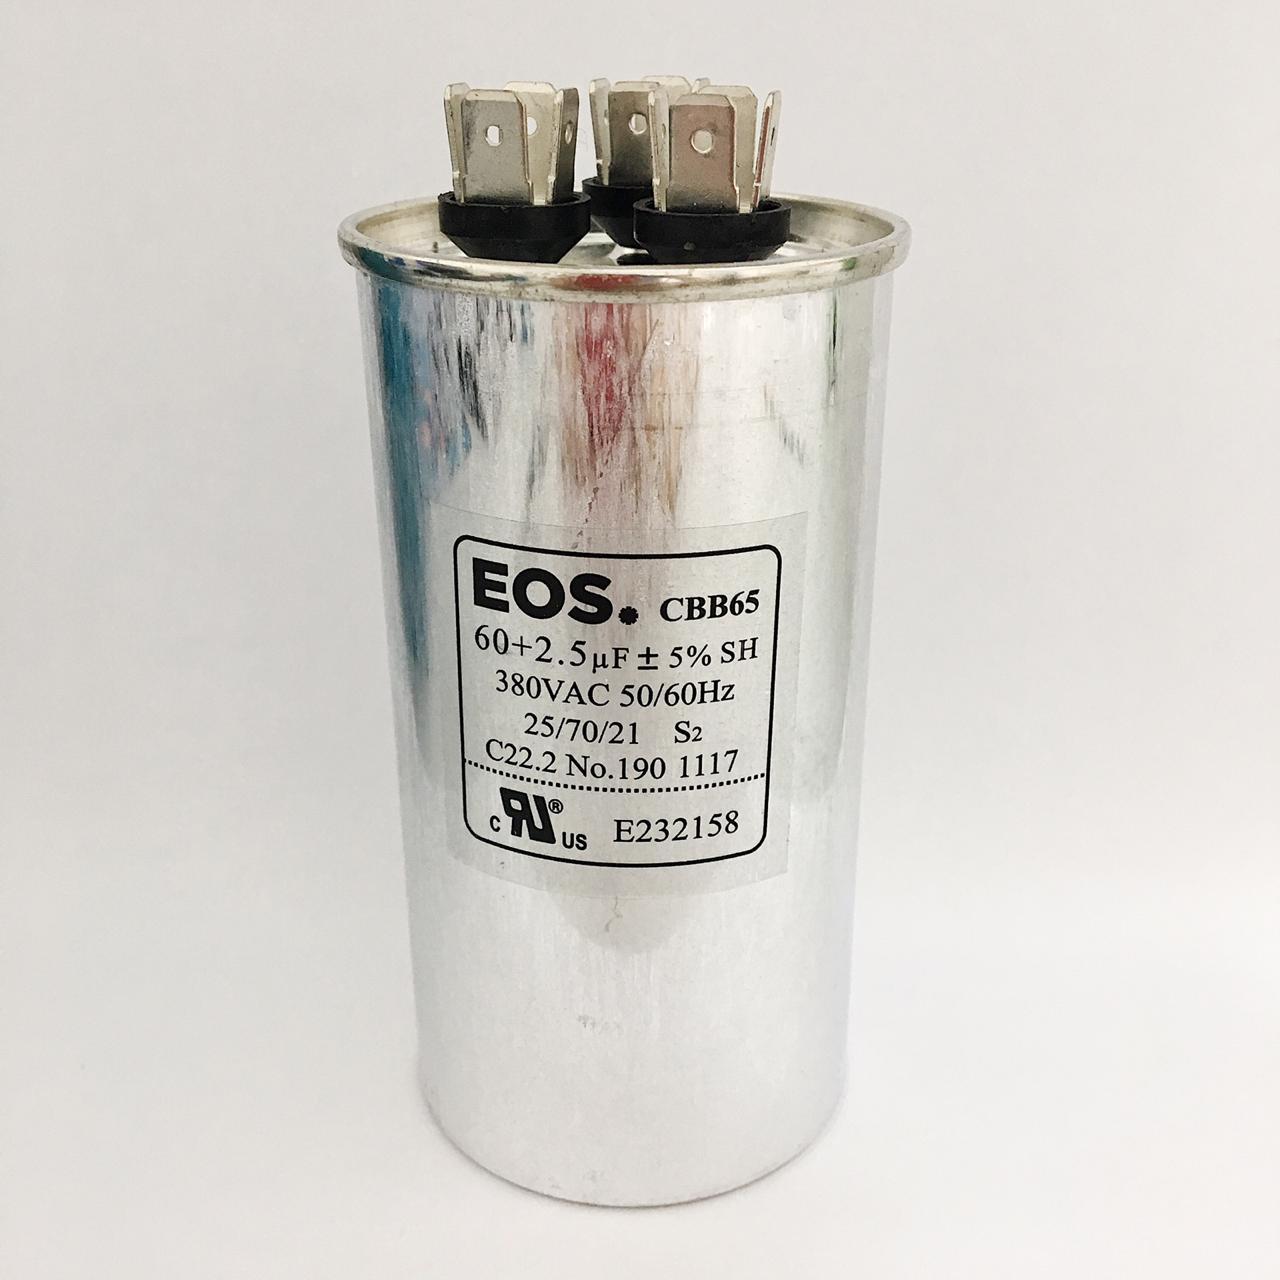 Capacitor 60+2.5 MFD 380V 50/60HZ